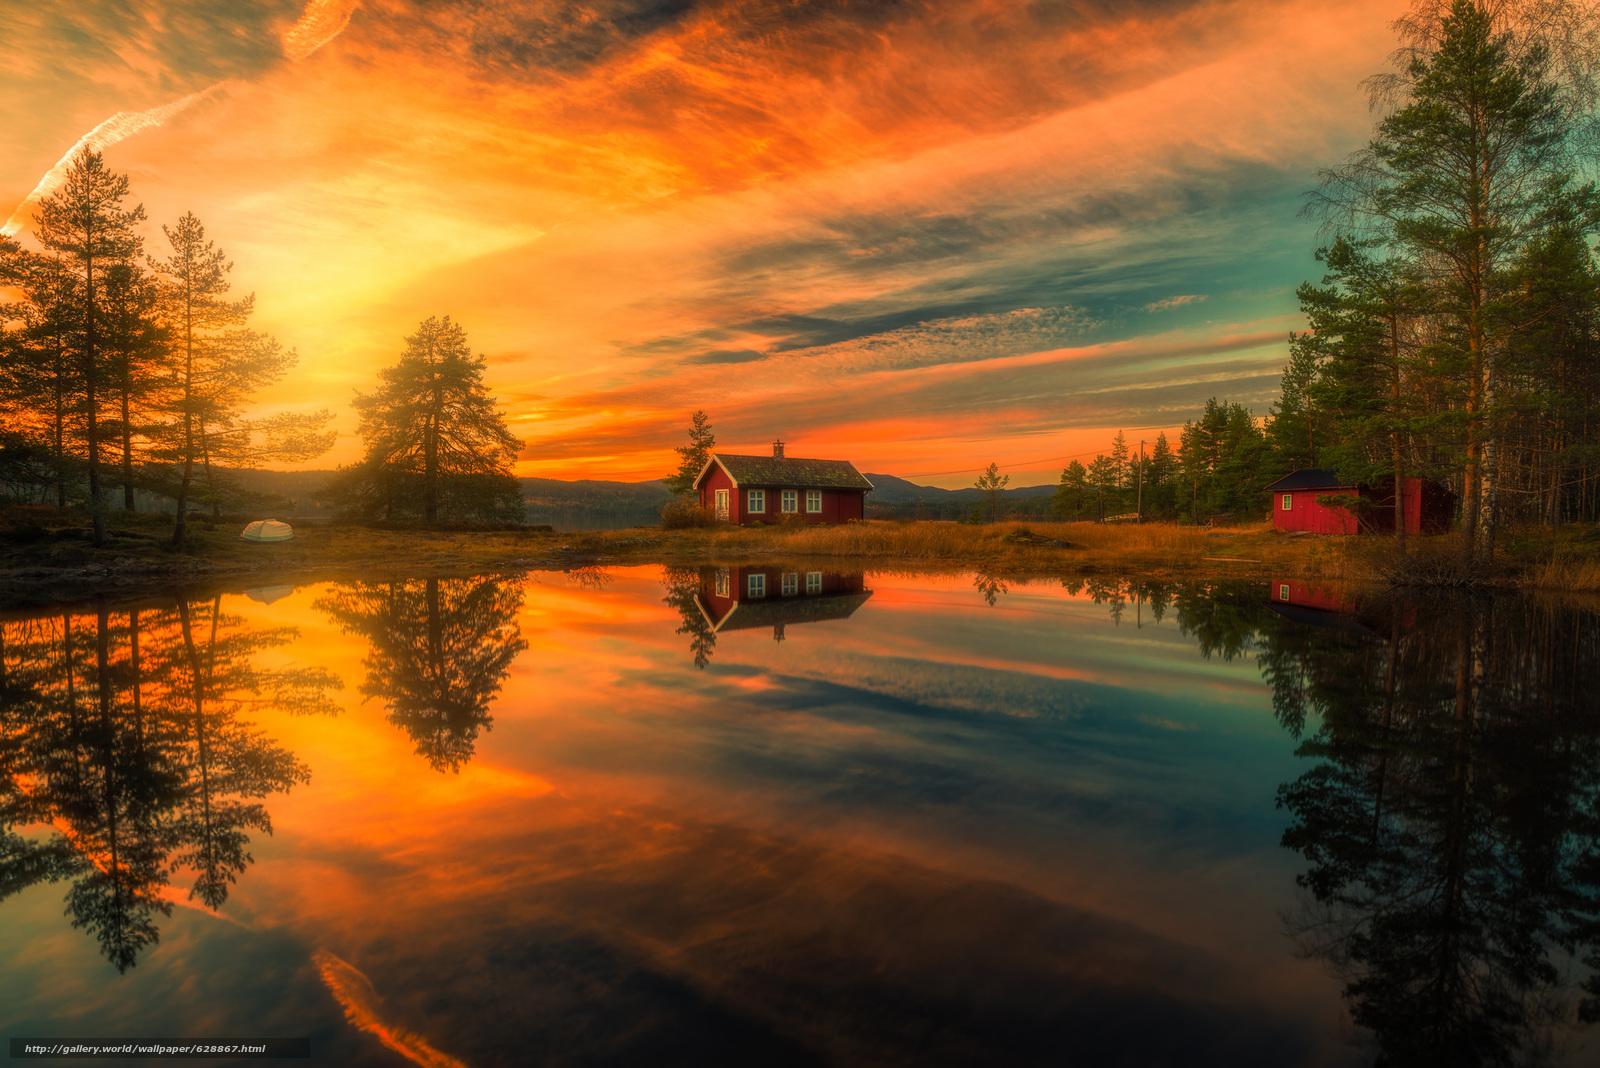 Обои Ringerike, Norway, Рингерике, Норвегия, озеро, отражение, дома, закат, деревья